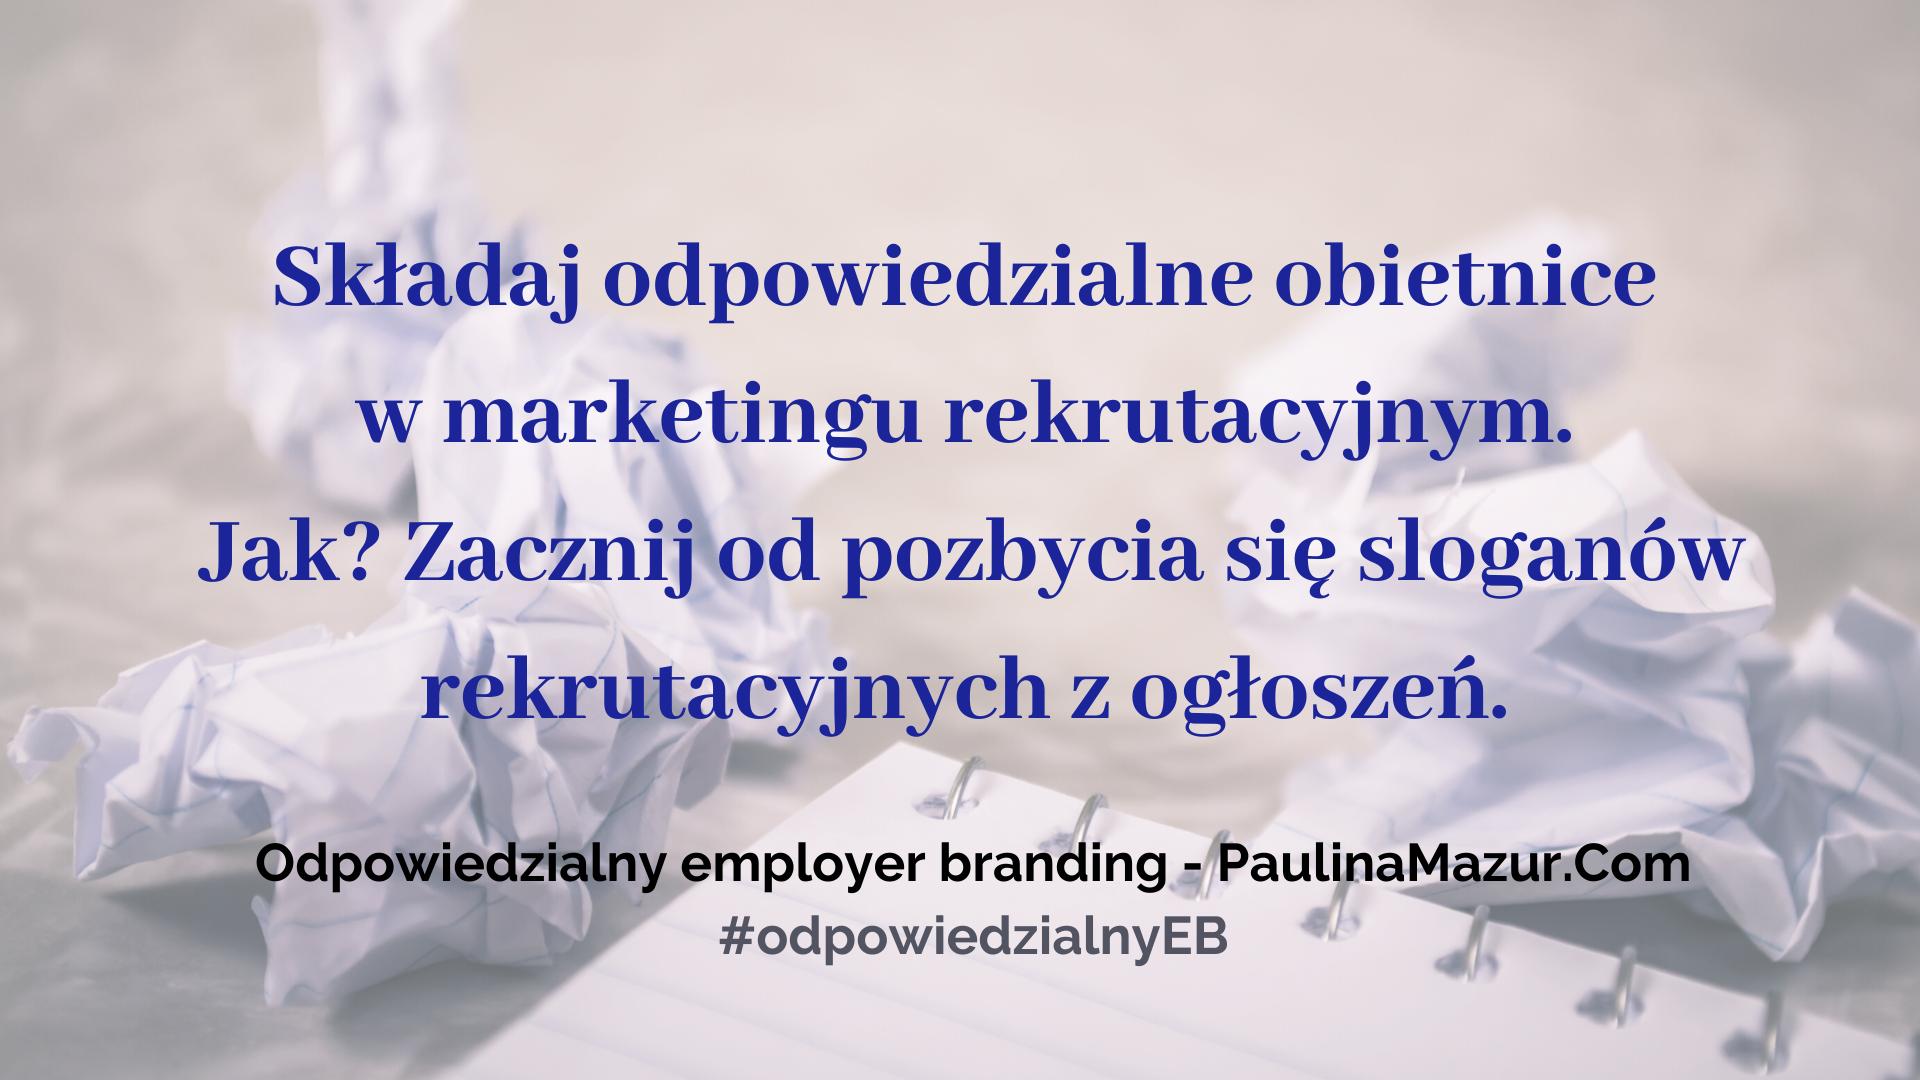 Składaj odpowiedzialne obietnice w marketingu rekrutacyjnym. Jak? Zacznij od pozbycia się sloganów rekrutacyjnych z ogłoszeń.